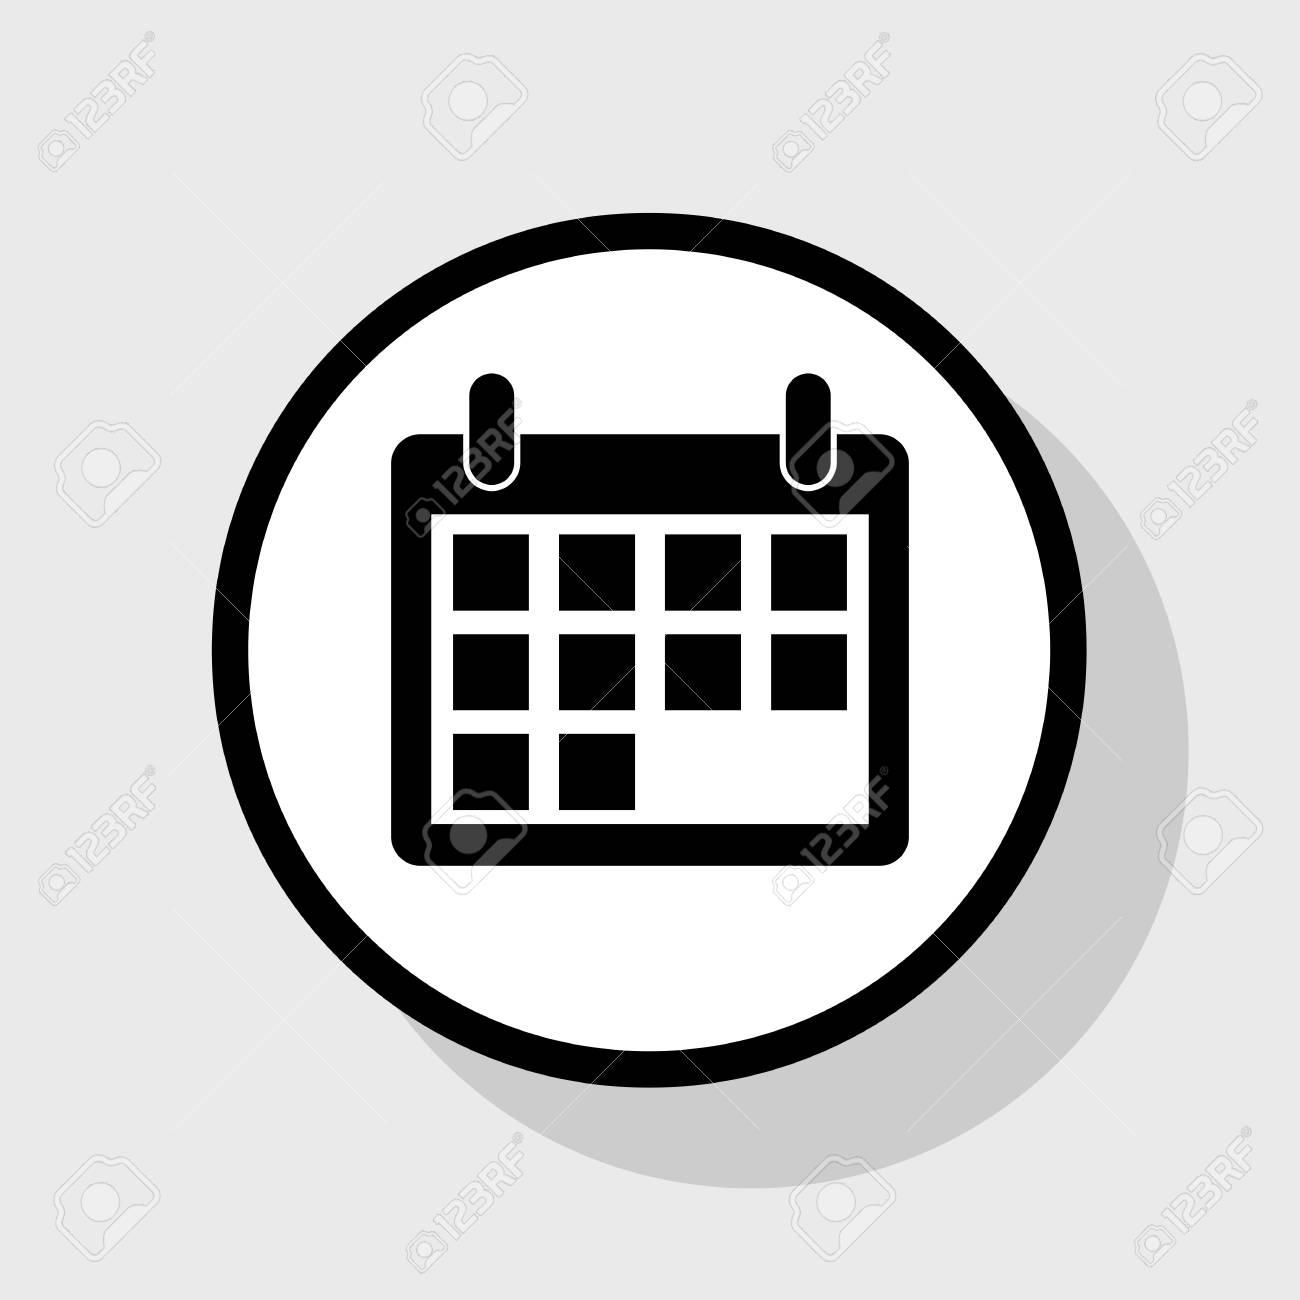 Calendario Vector Blanco.Ilustracion De Signo De Calendario Vector Icono Negro Plano En Circulo Blanco Con Sombra En El Fondo Gris